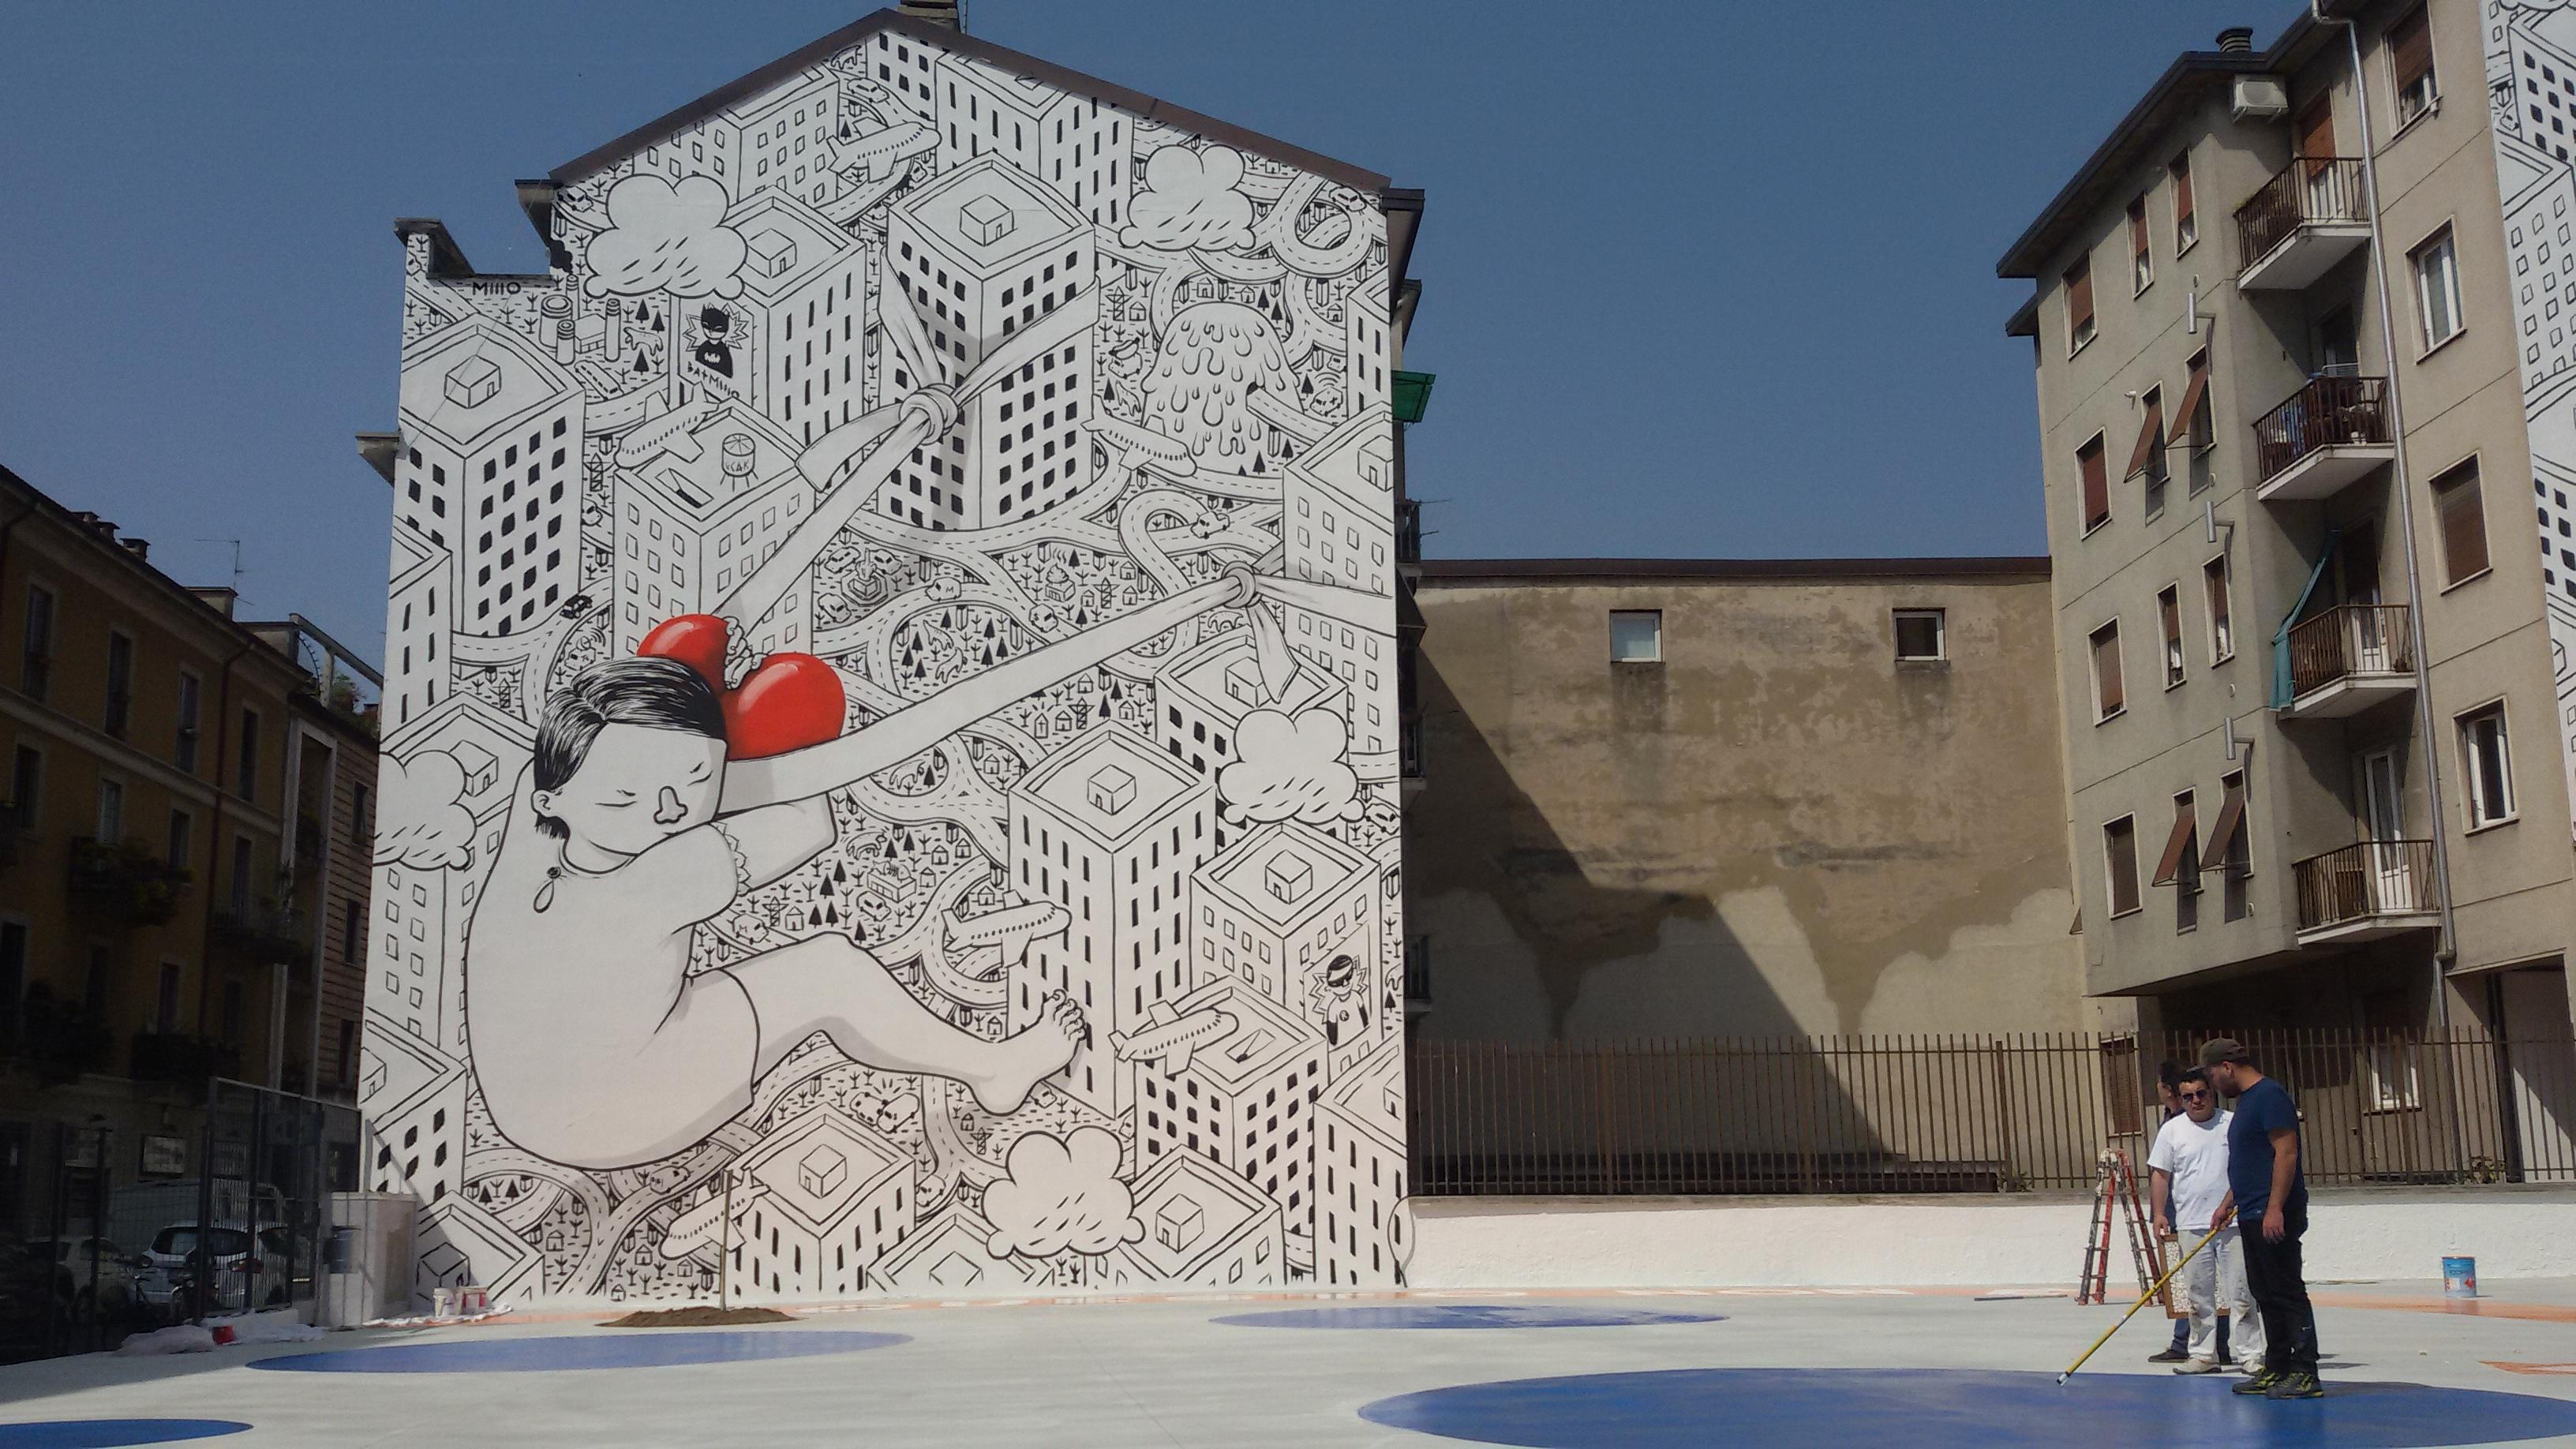 La street art illustrata e romantica di millo for Ristorante murales milano